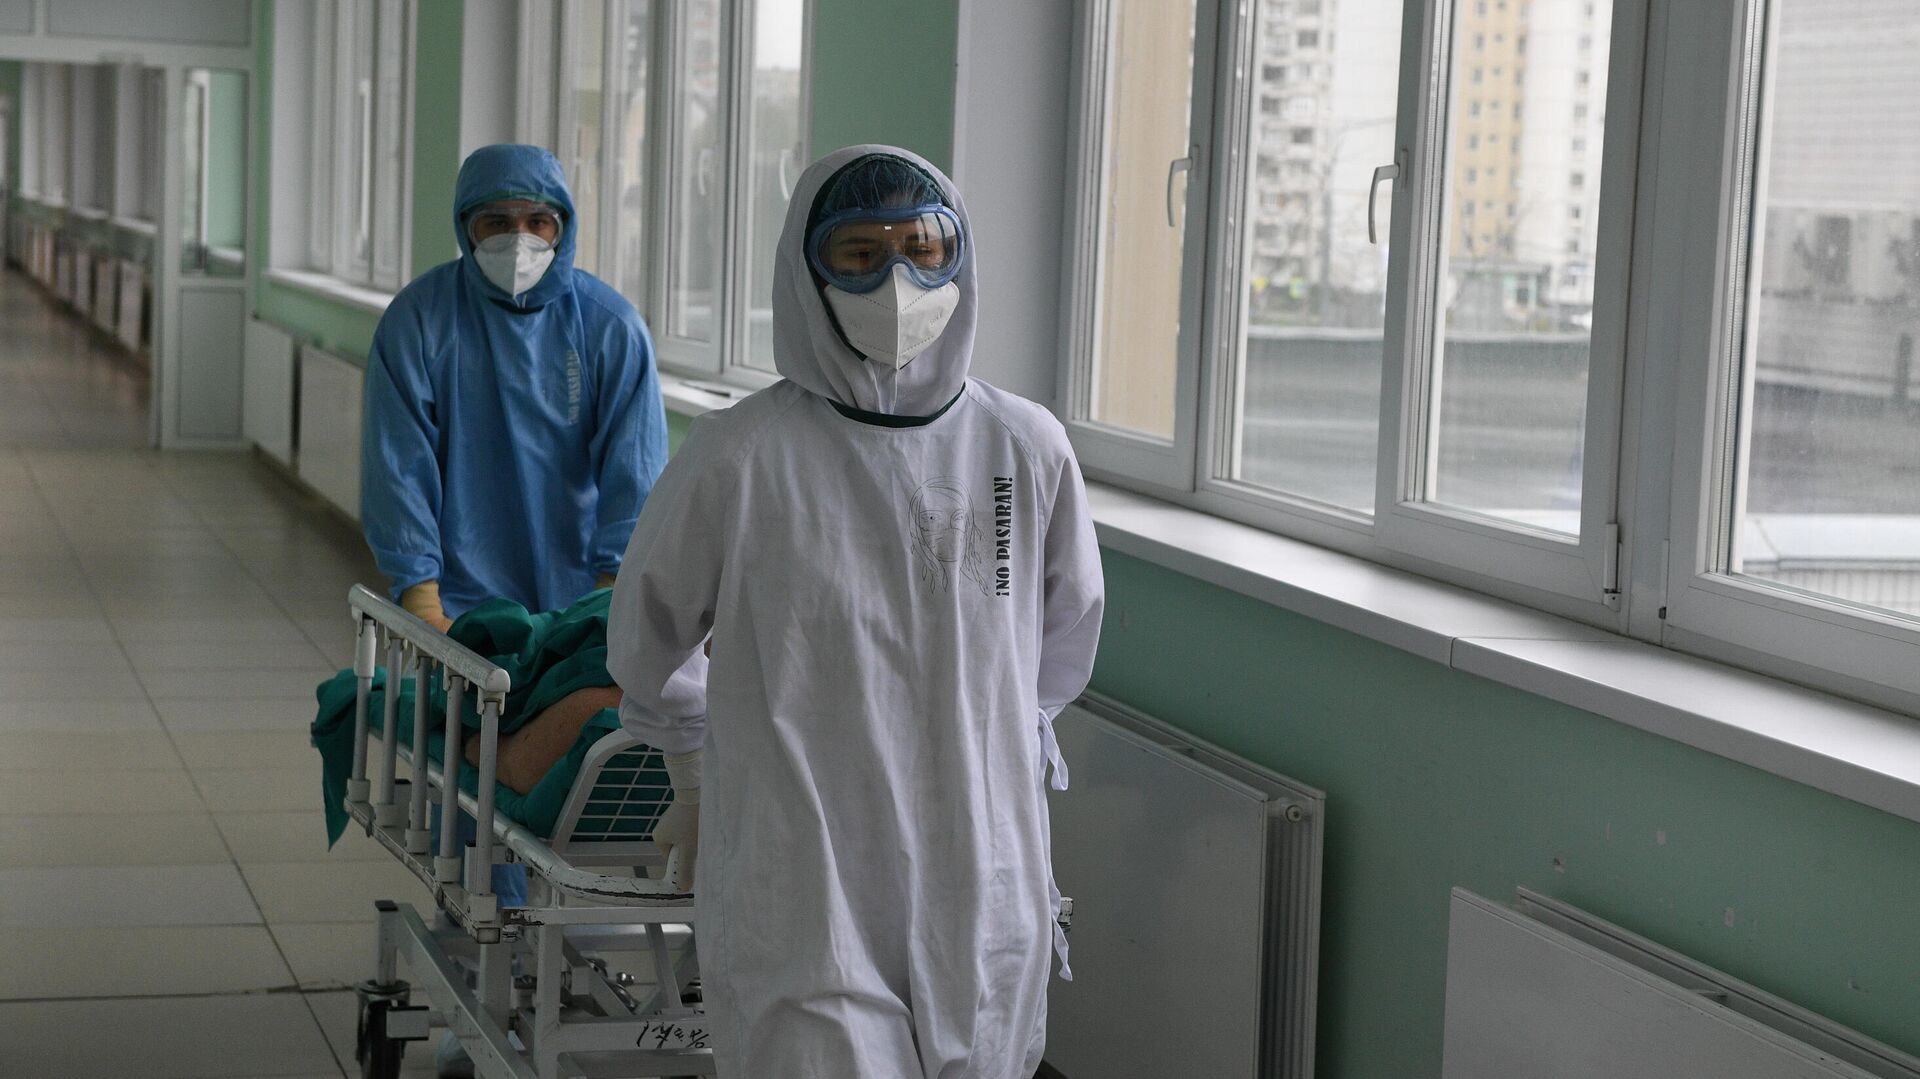 Медицинские работники и пациент в операционной ковид-госпиталя, организованного в городской клинической больнице No15 имени О. М. Филатова в Москве - РИА Новости, 1920, 11.05.2021